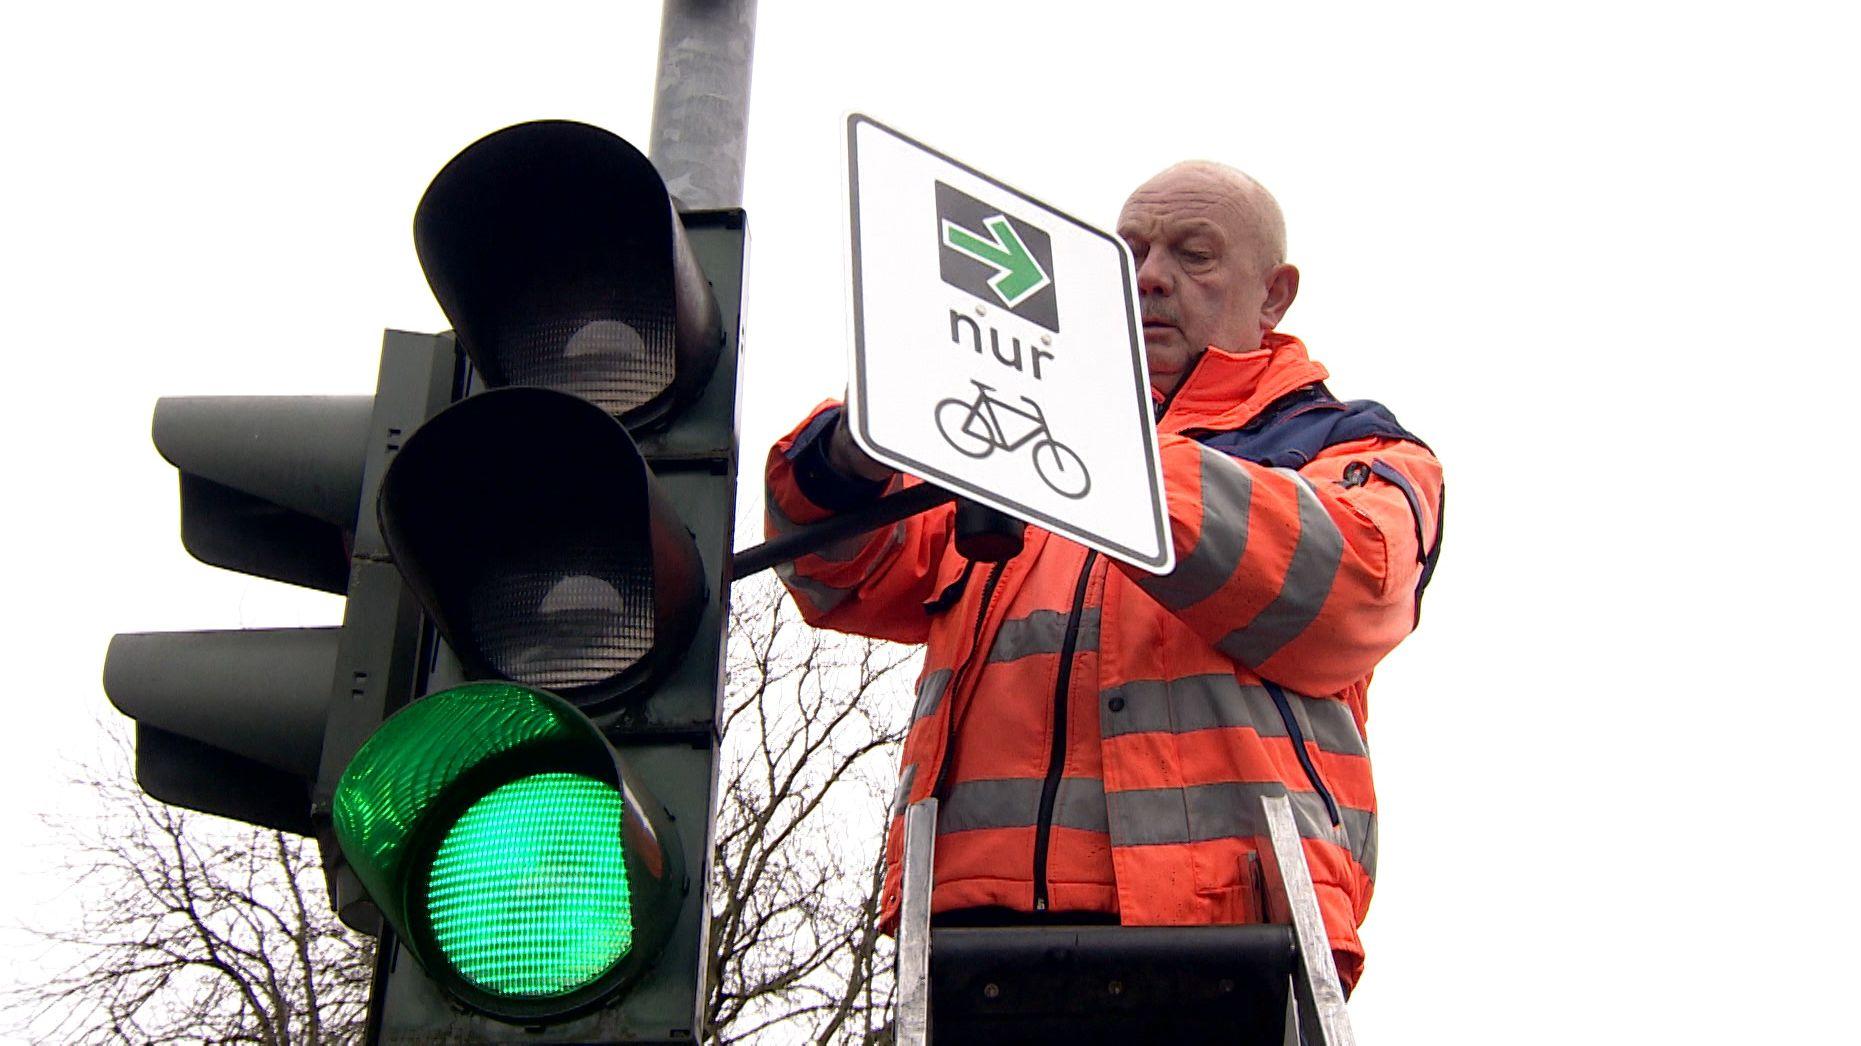 Grüner Pfeil für Radfahrer wird montiert